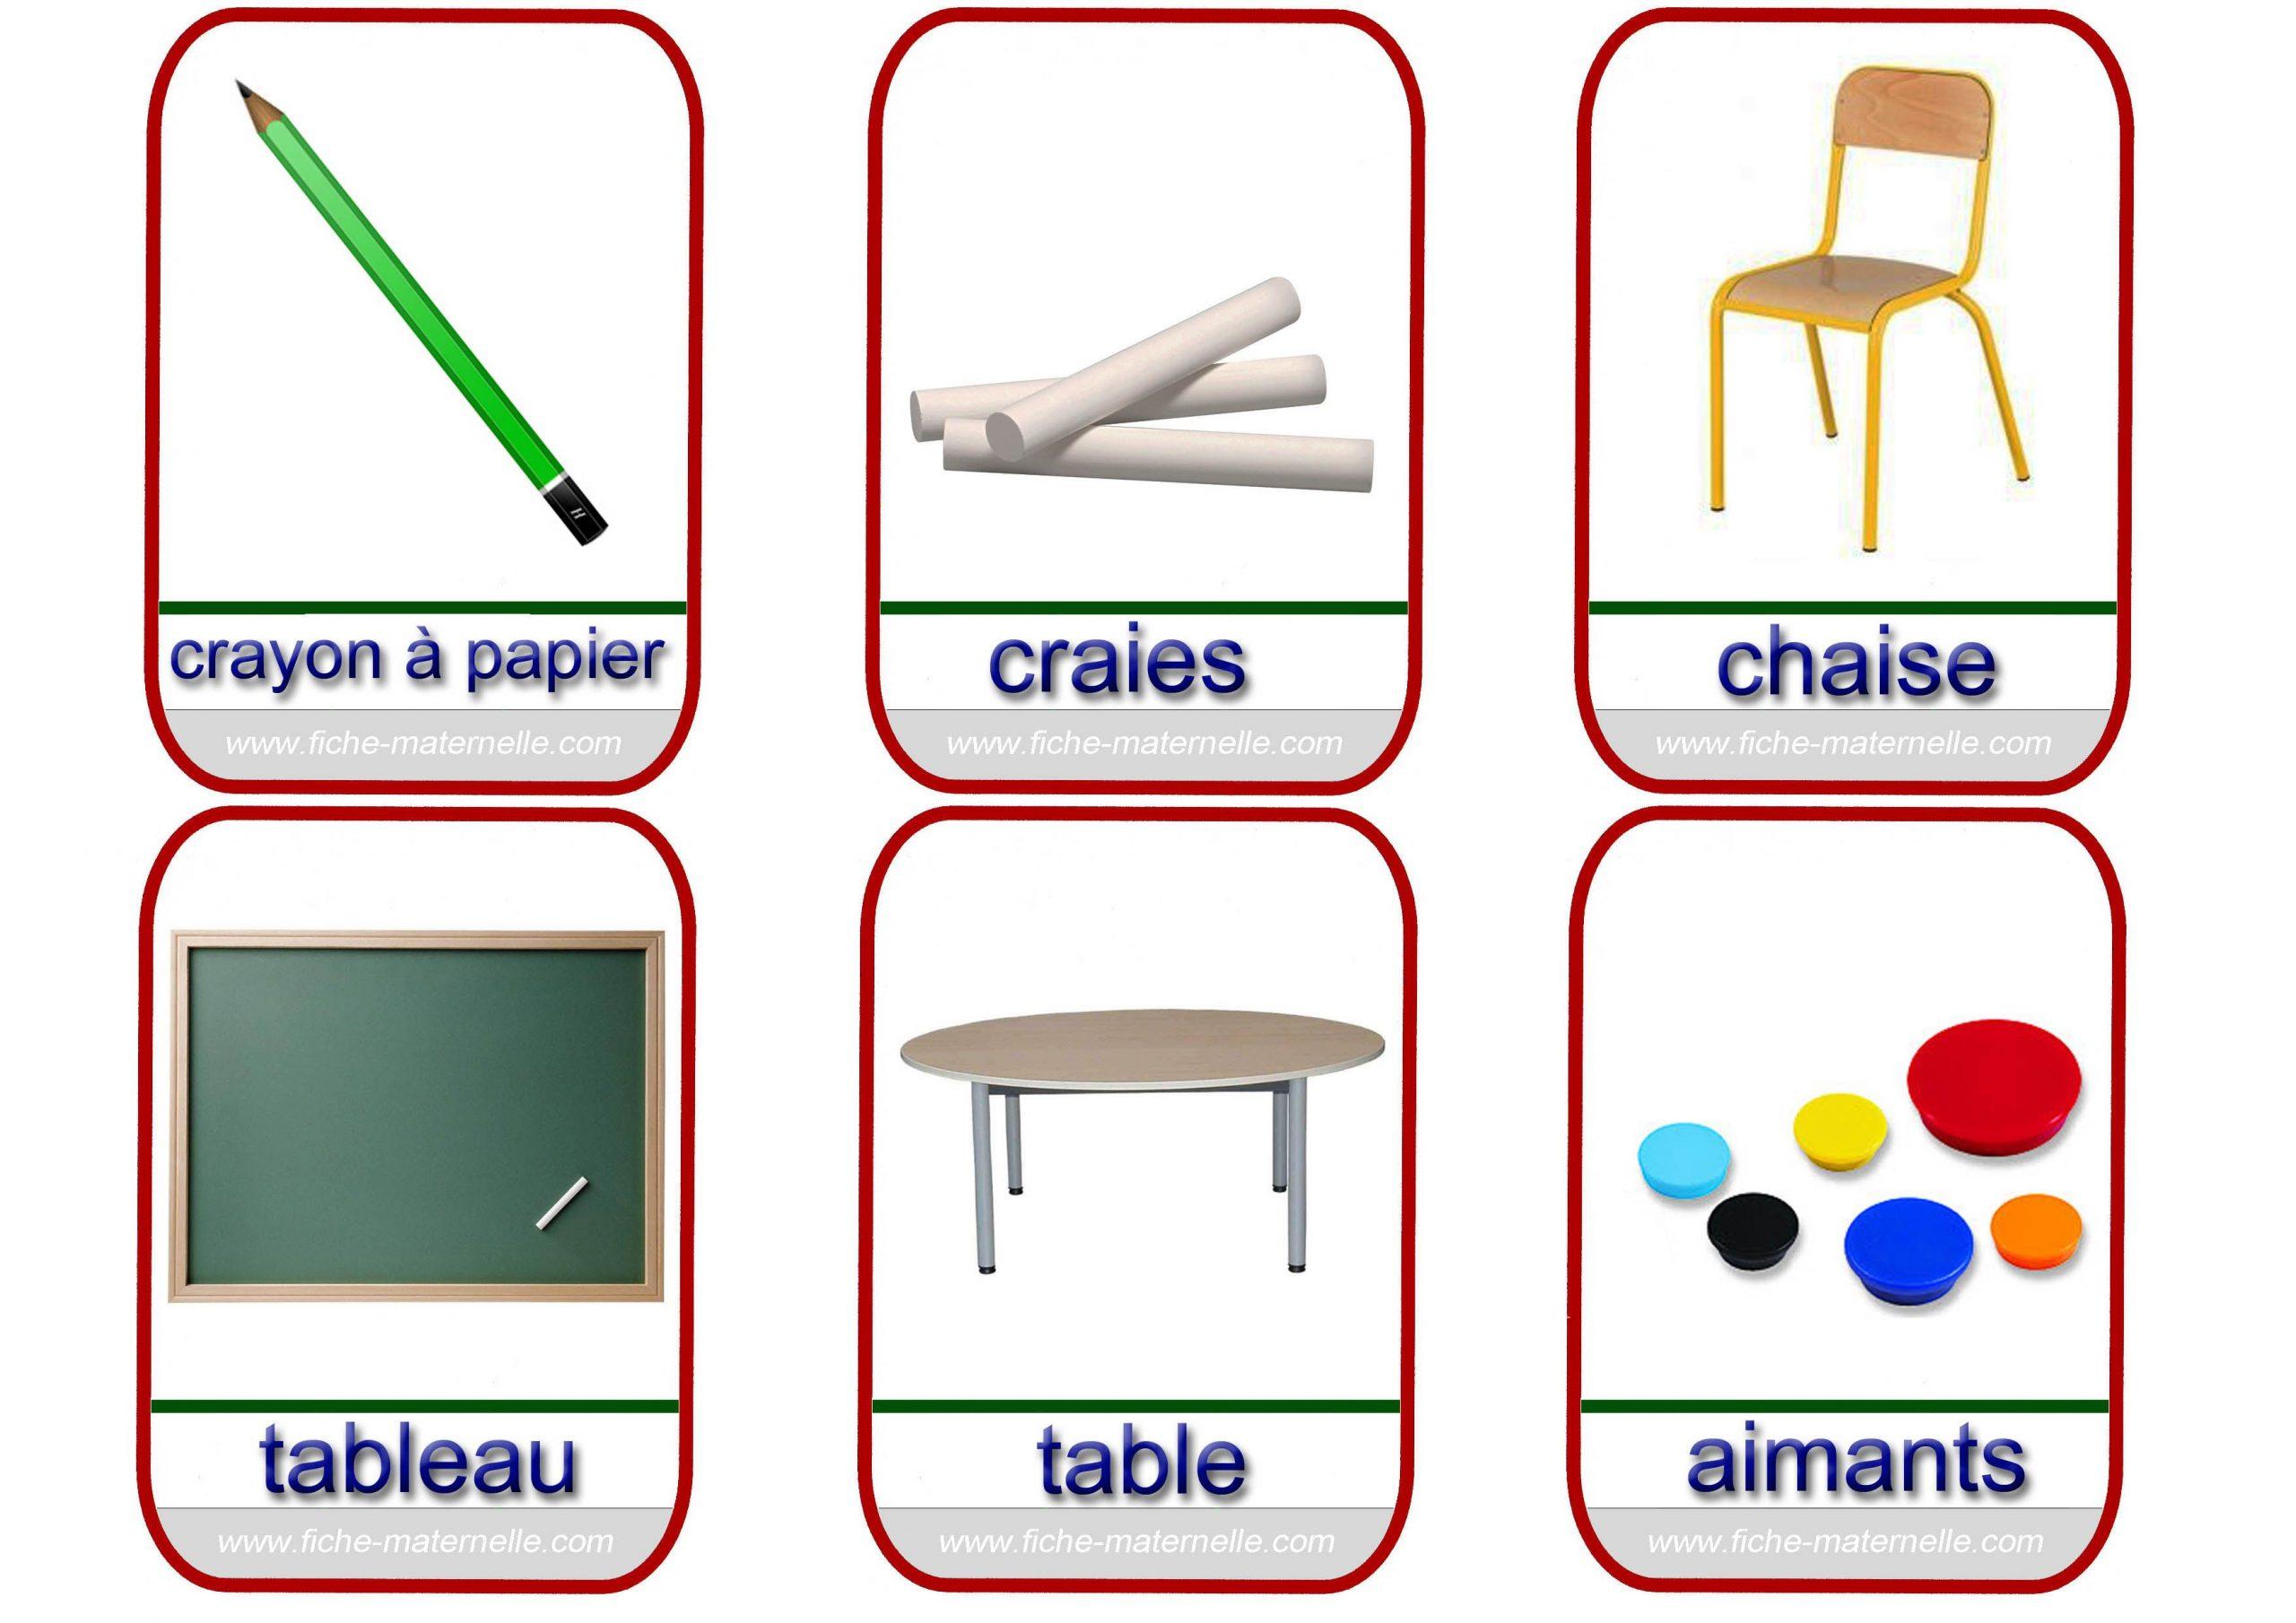 Imagier (Avec Images) | Outils De Classe, Parties Corps à Imagiers Maternelle